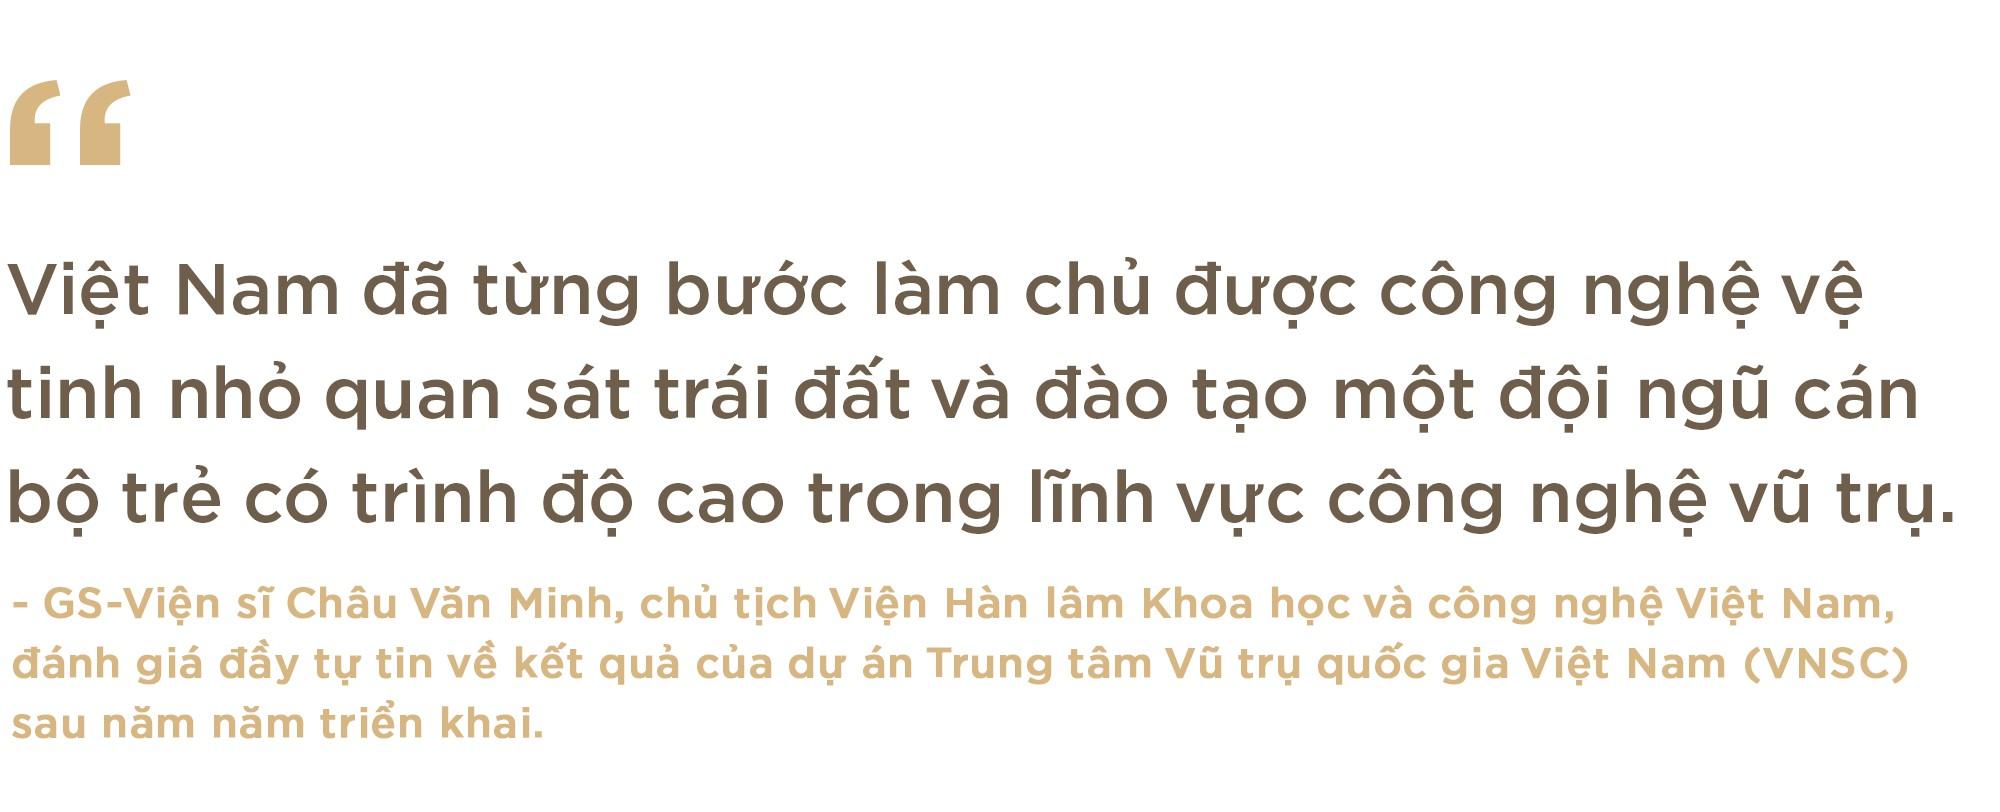 Phóng vệ tinh đầu tiên Việt Nam chế tạo: Ước mơ vươn tới bầu trời - Ảnh 9.